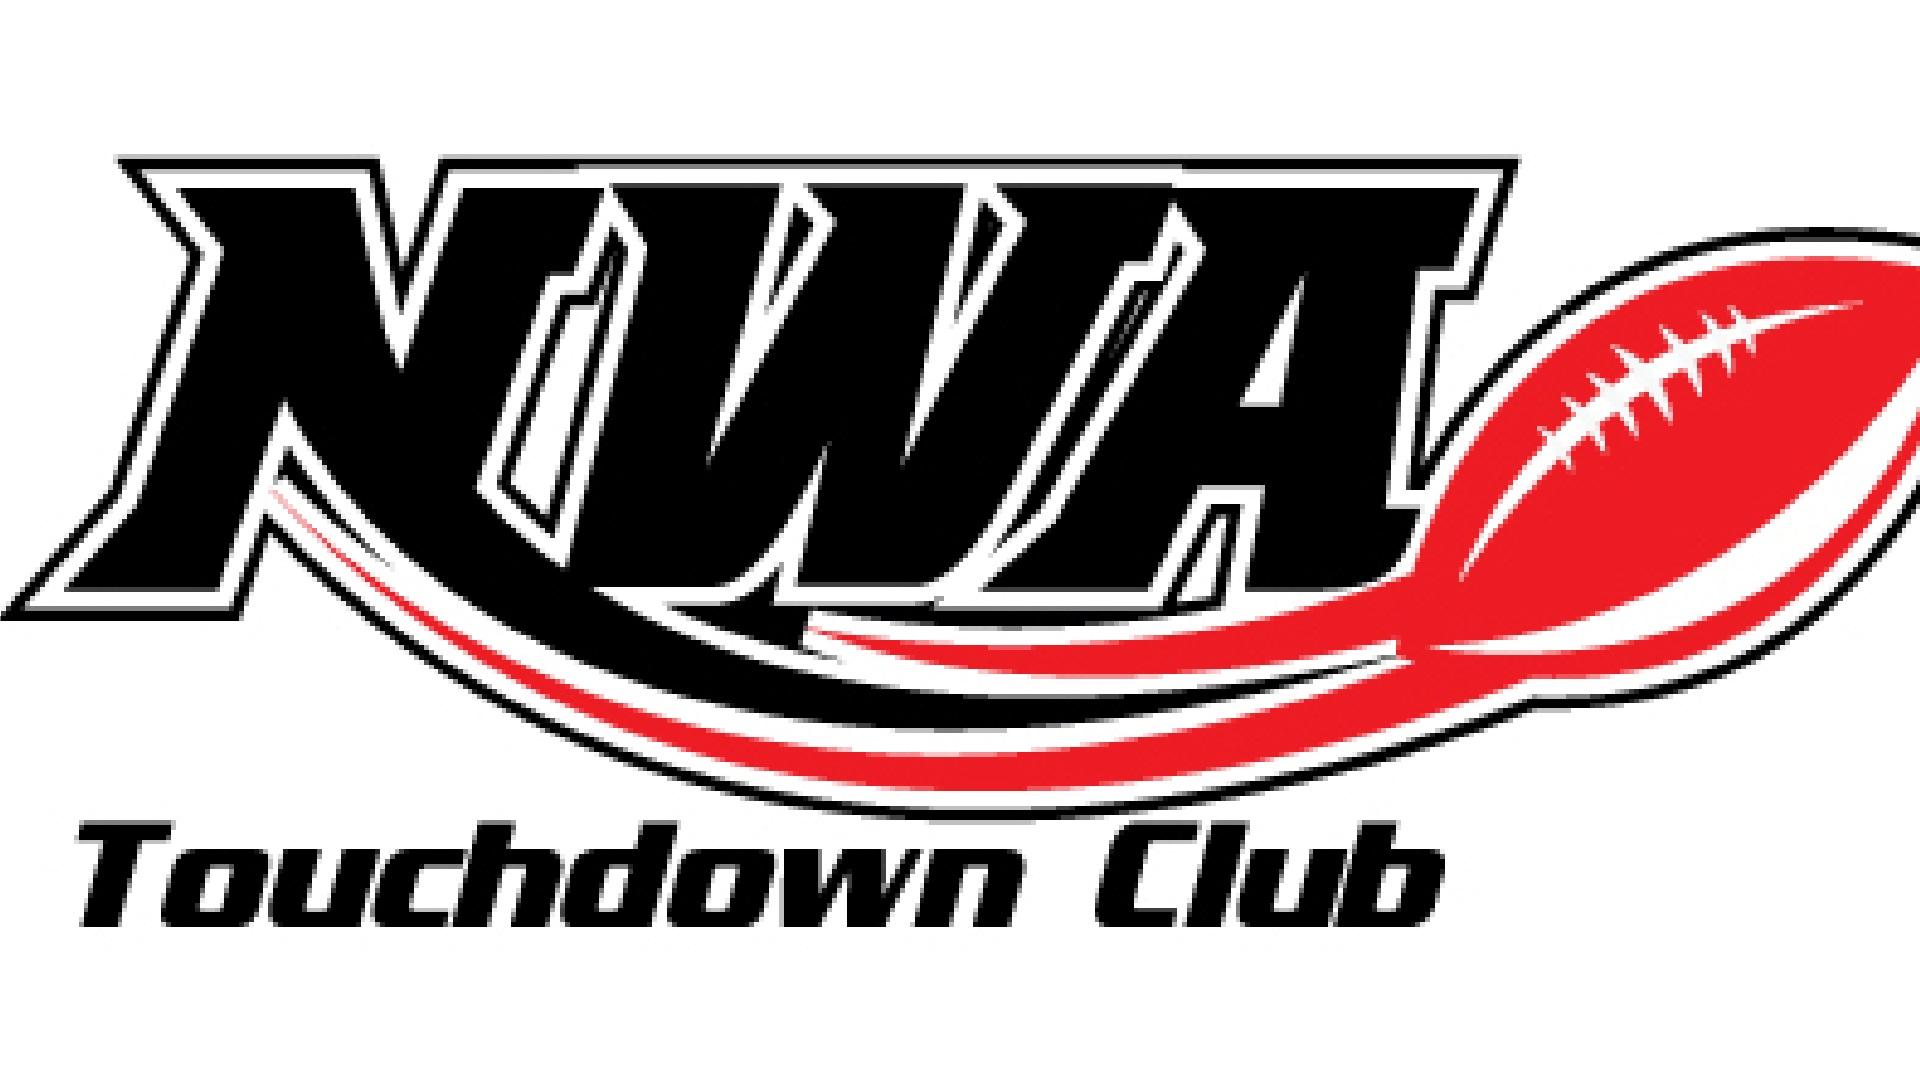 NWA TOUCHDOWN CLUB